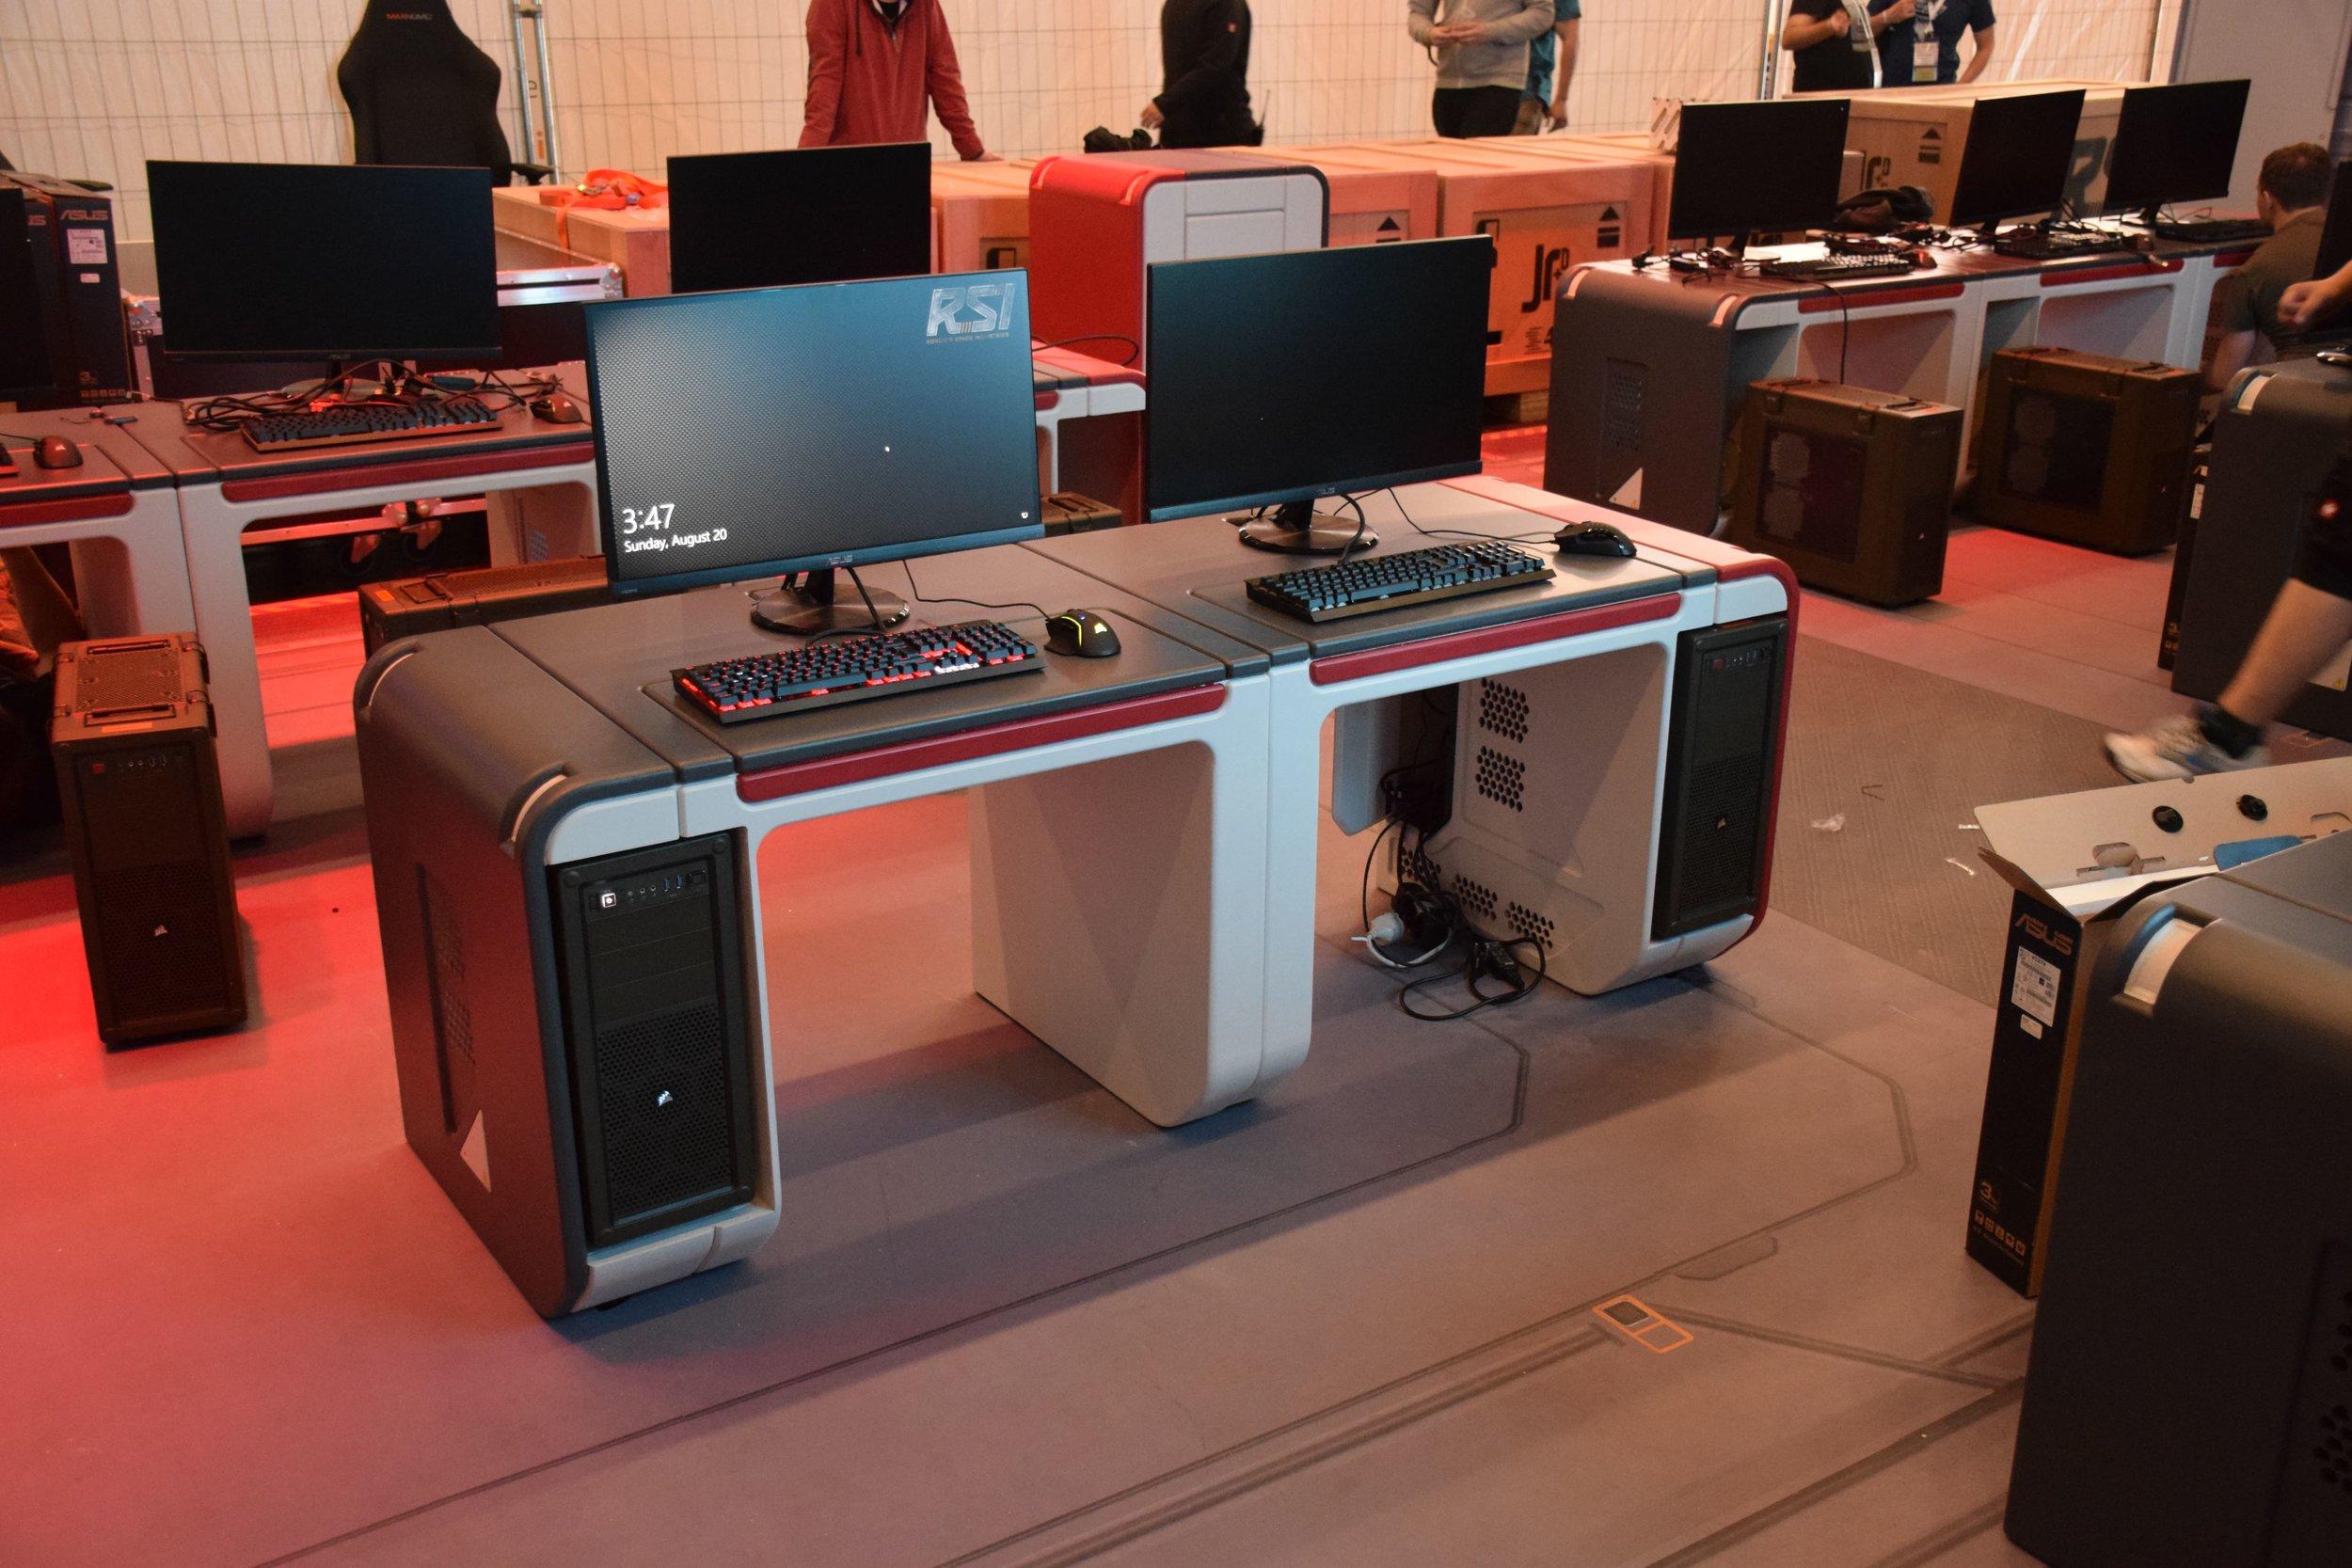 GamesCom Desks